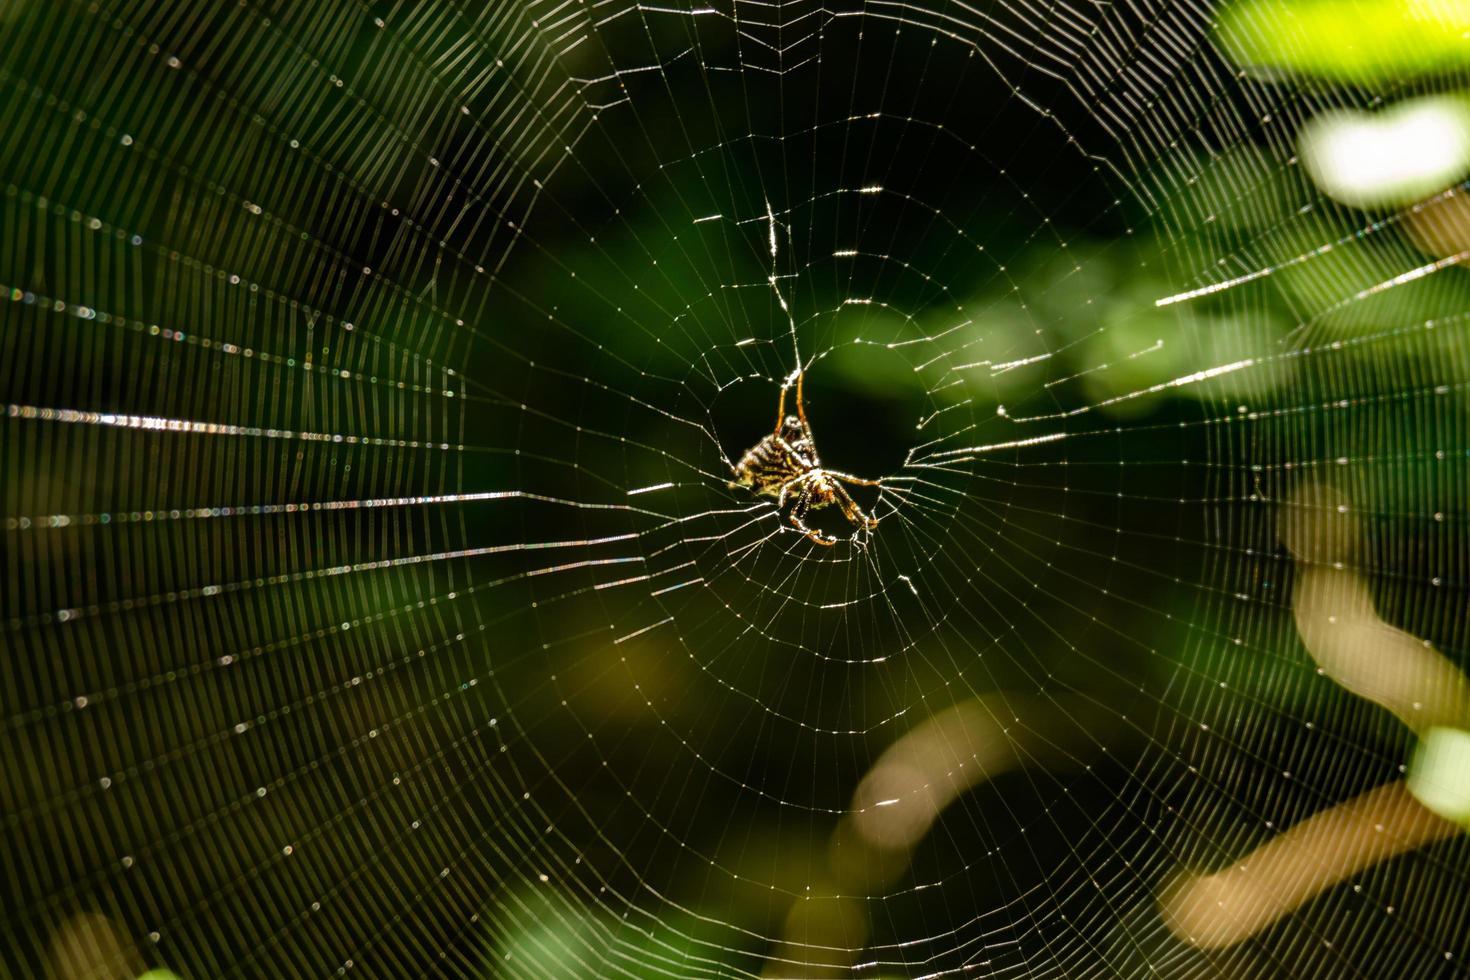 araña marrón en telaraña foto